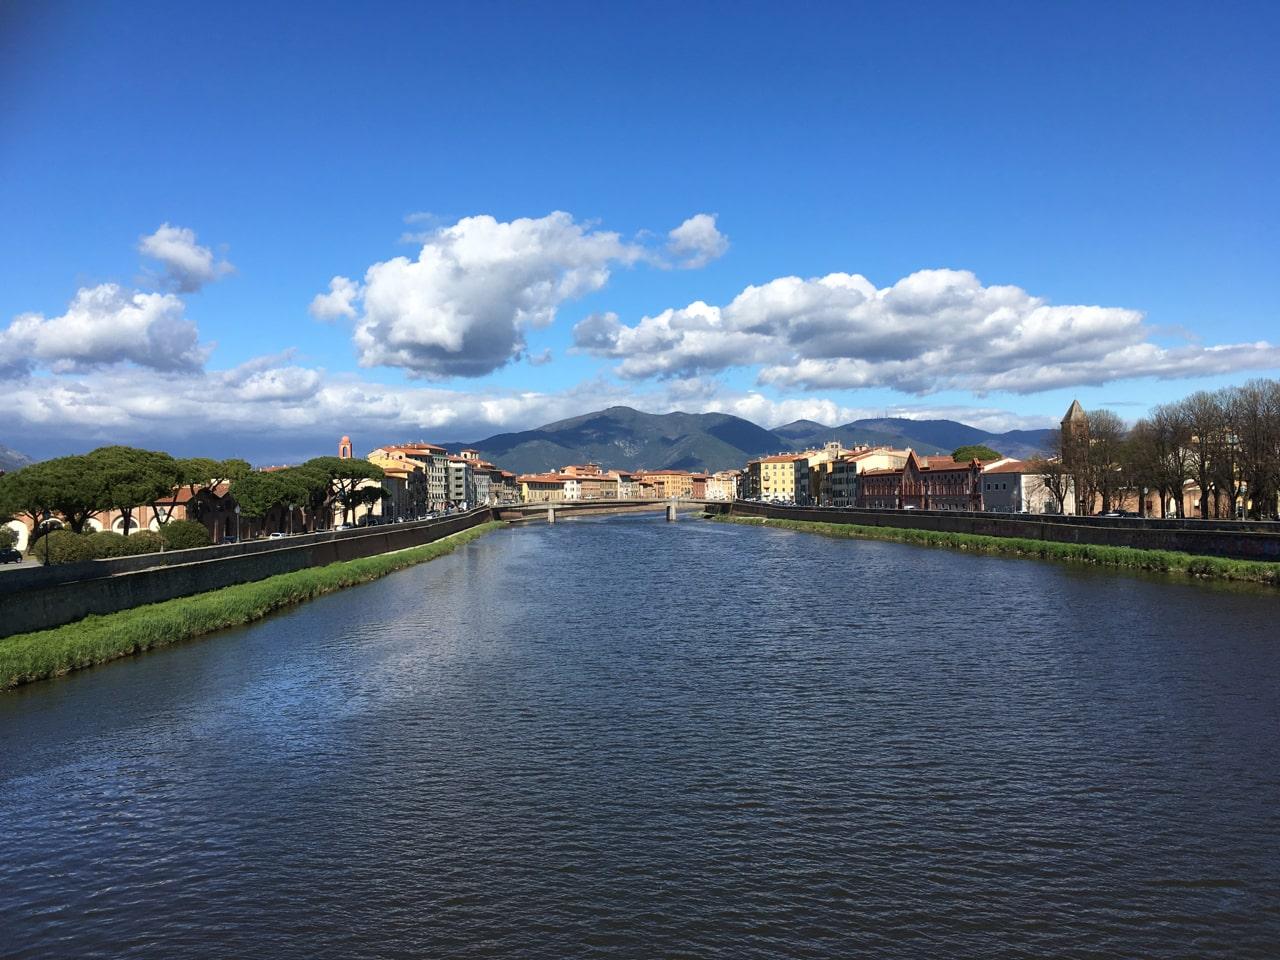 站在某个桥上看Arno河两岸